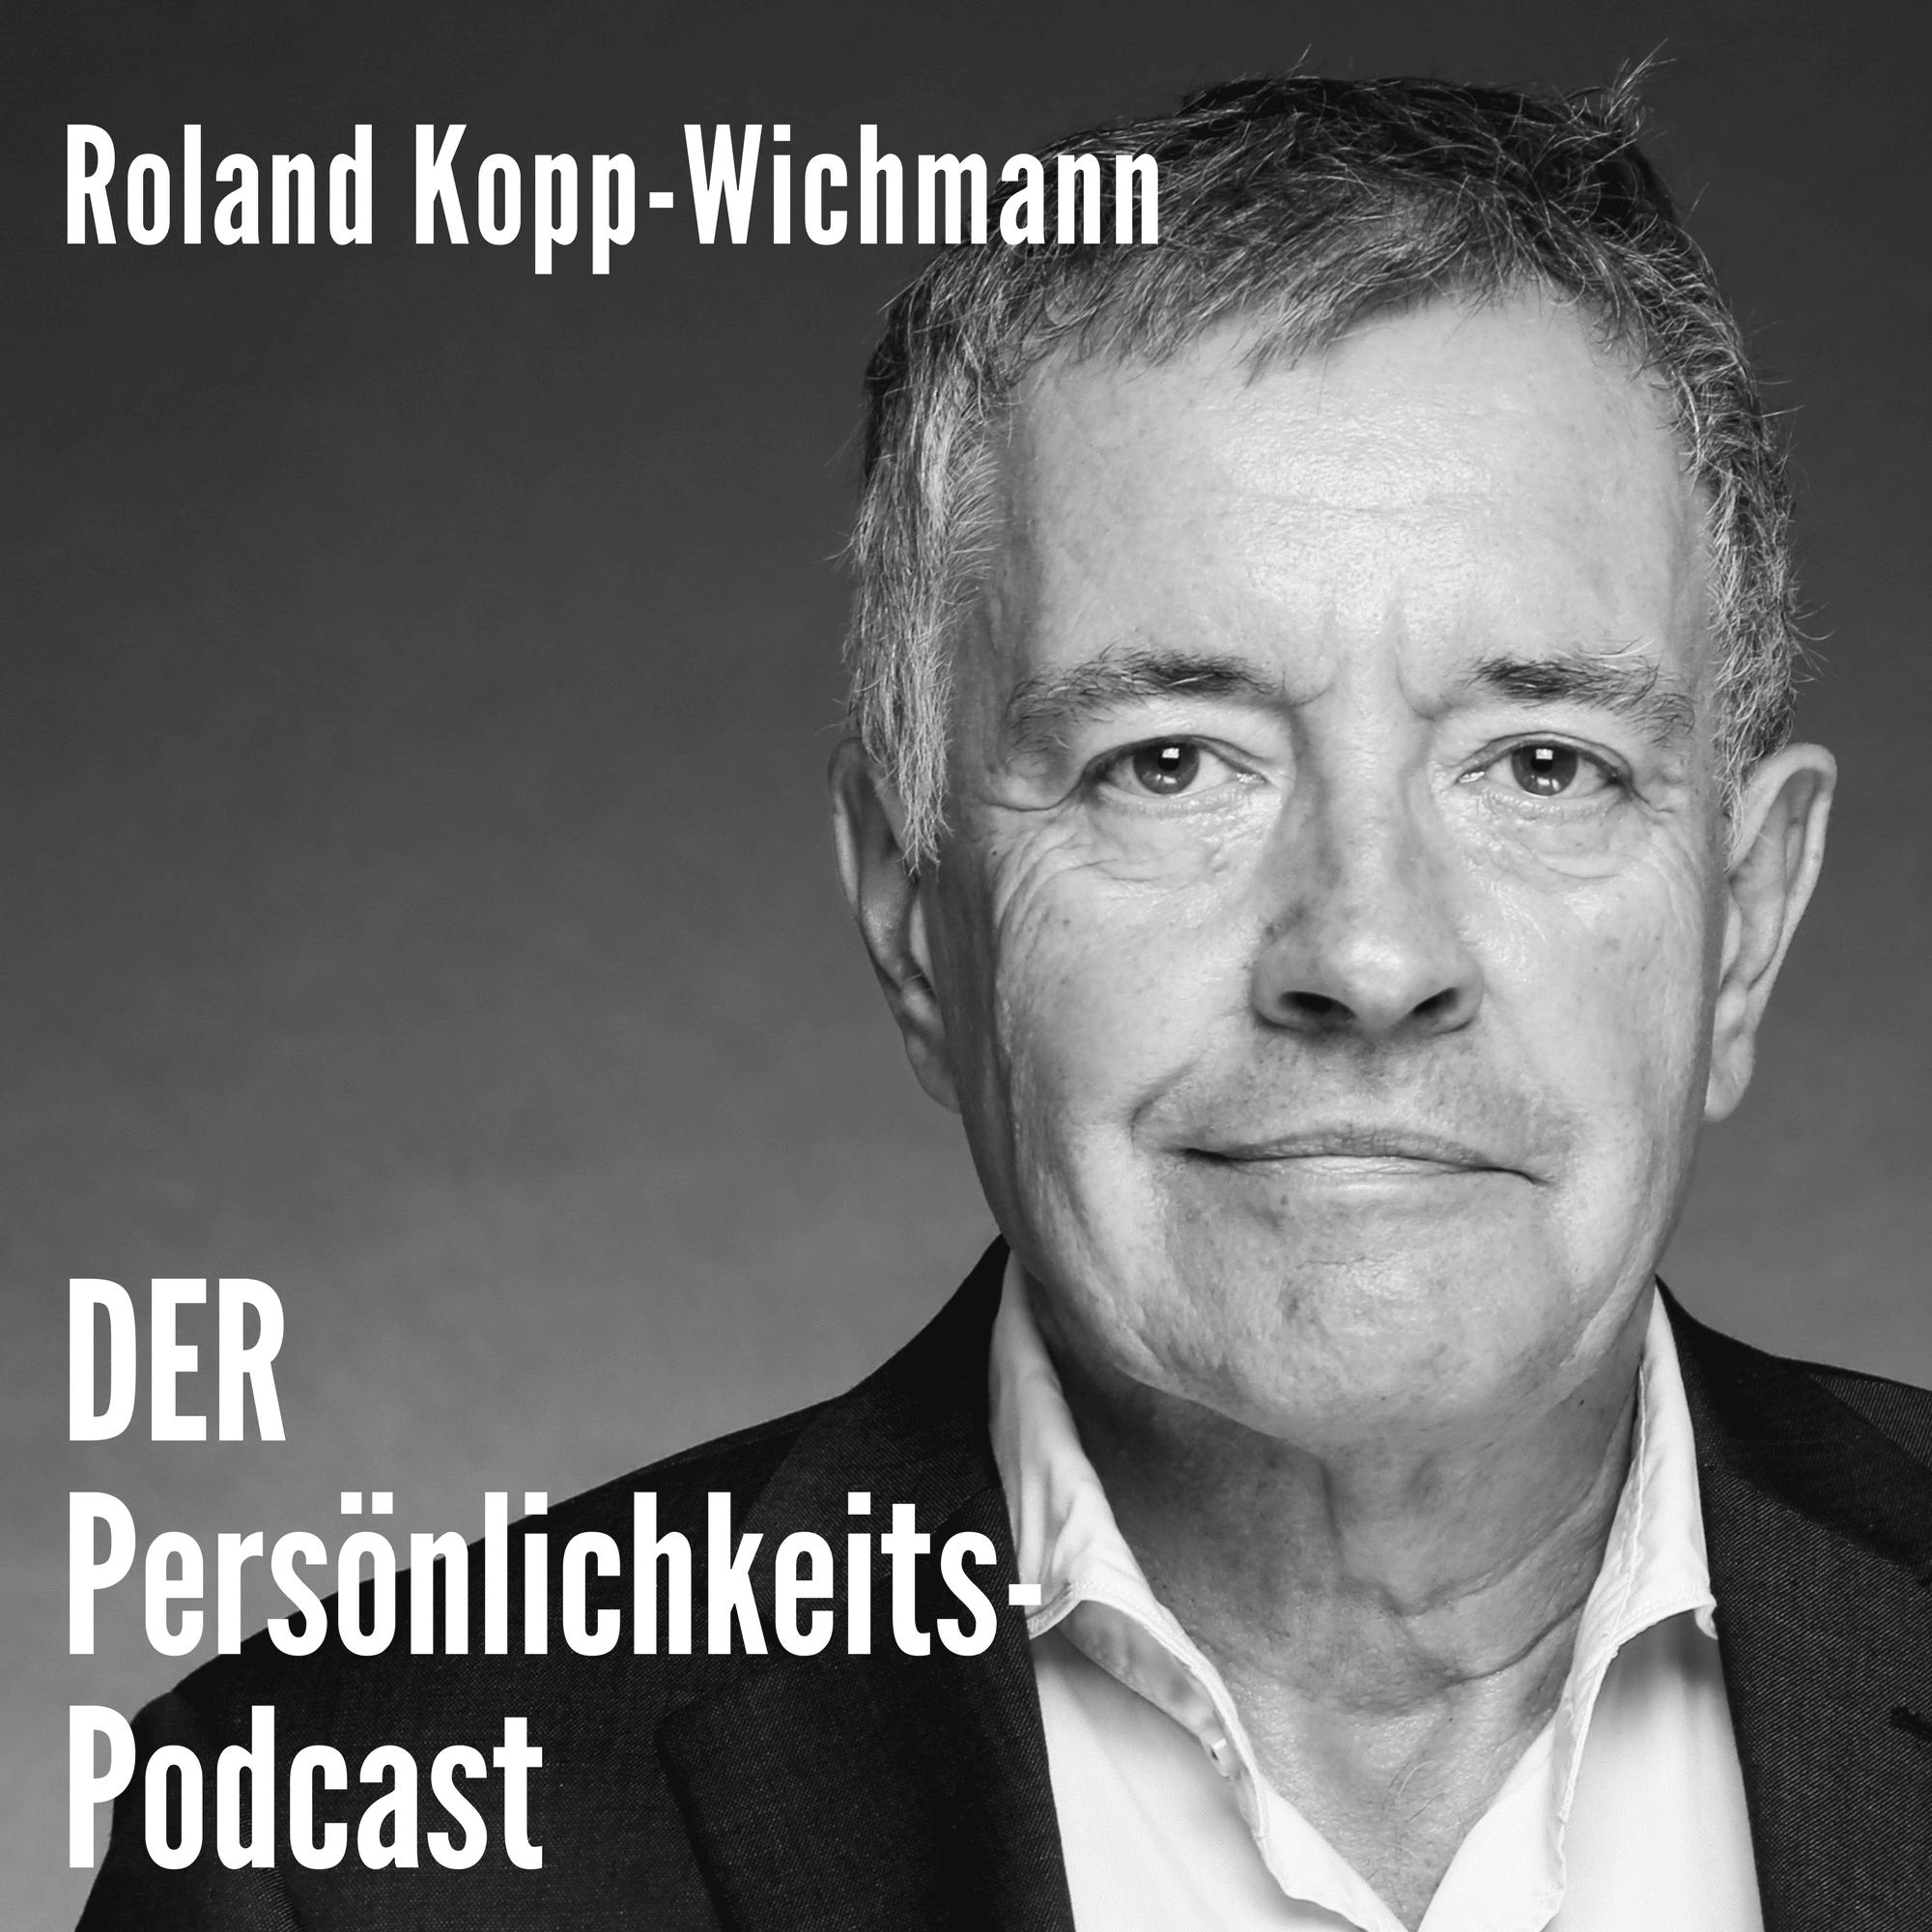 DER Persönlichkeits-Podcast von Roland Kopp-Wichmann